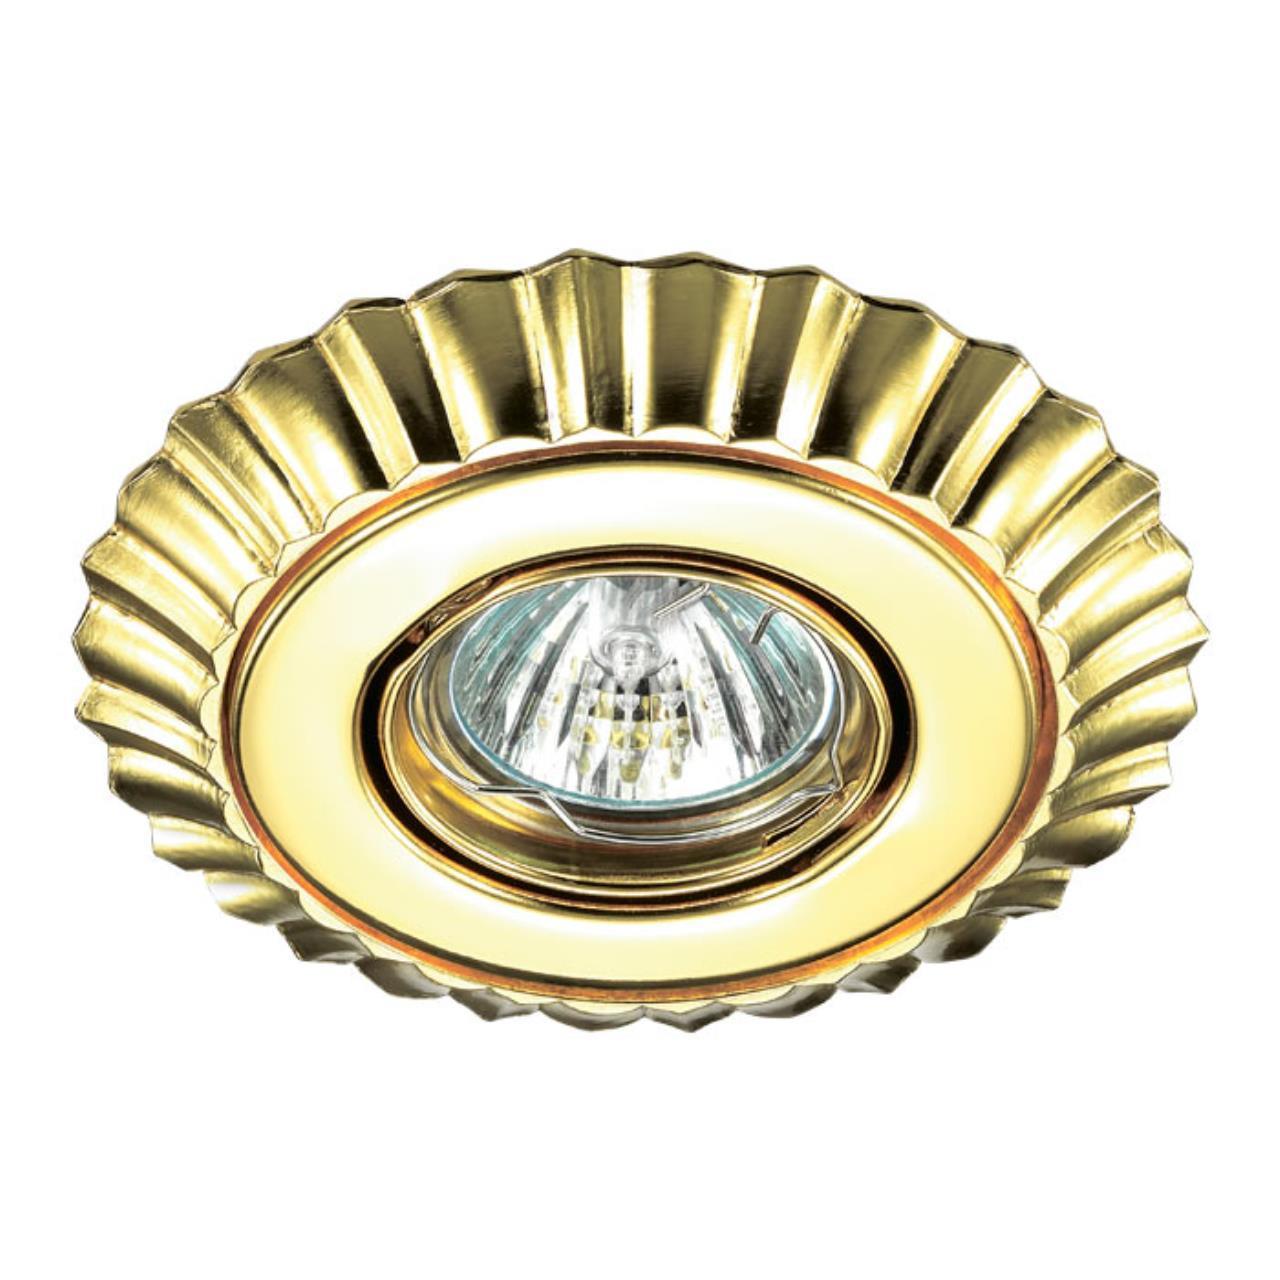 370274 SPOT NT17 132 золото Встраиваемый стандартный поворотный светильник GX5.3 50W 12V LIGNA